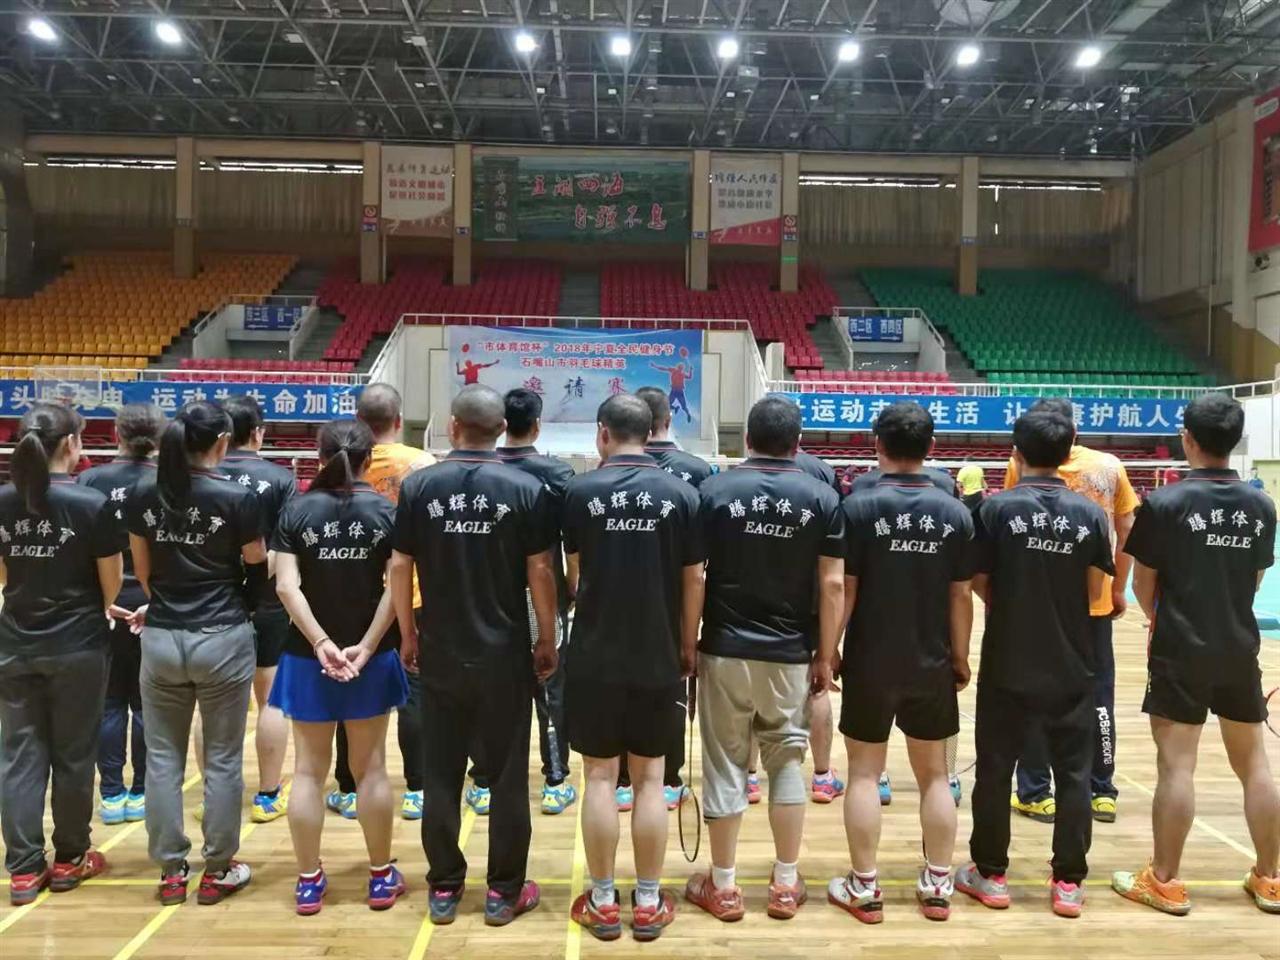 2018年7月14E宁夏回族自治区腾飞体育俱乐部赞助